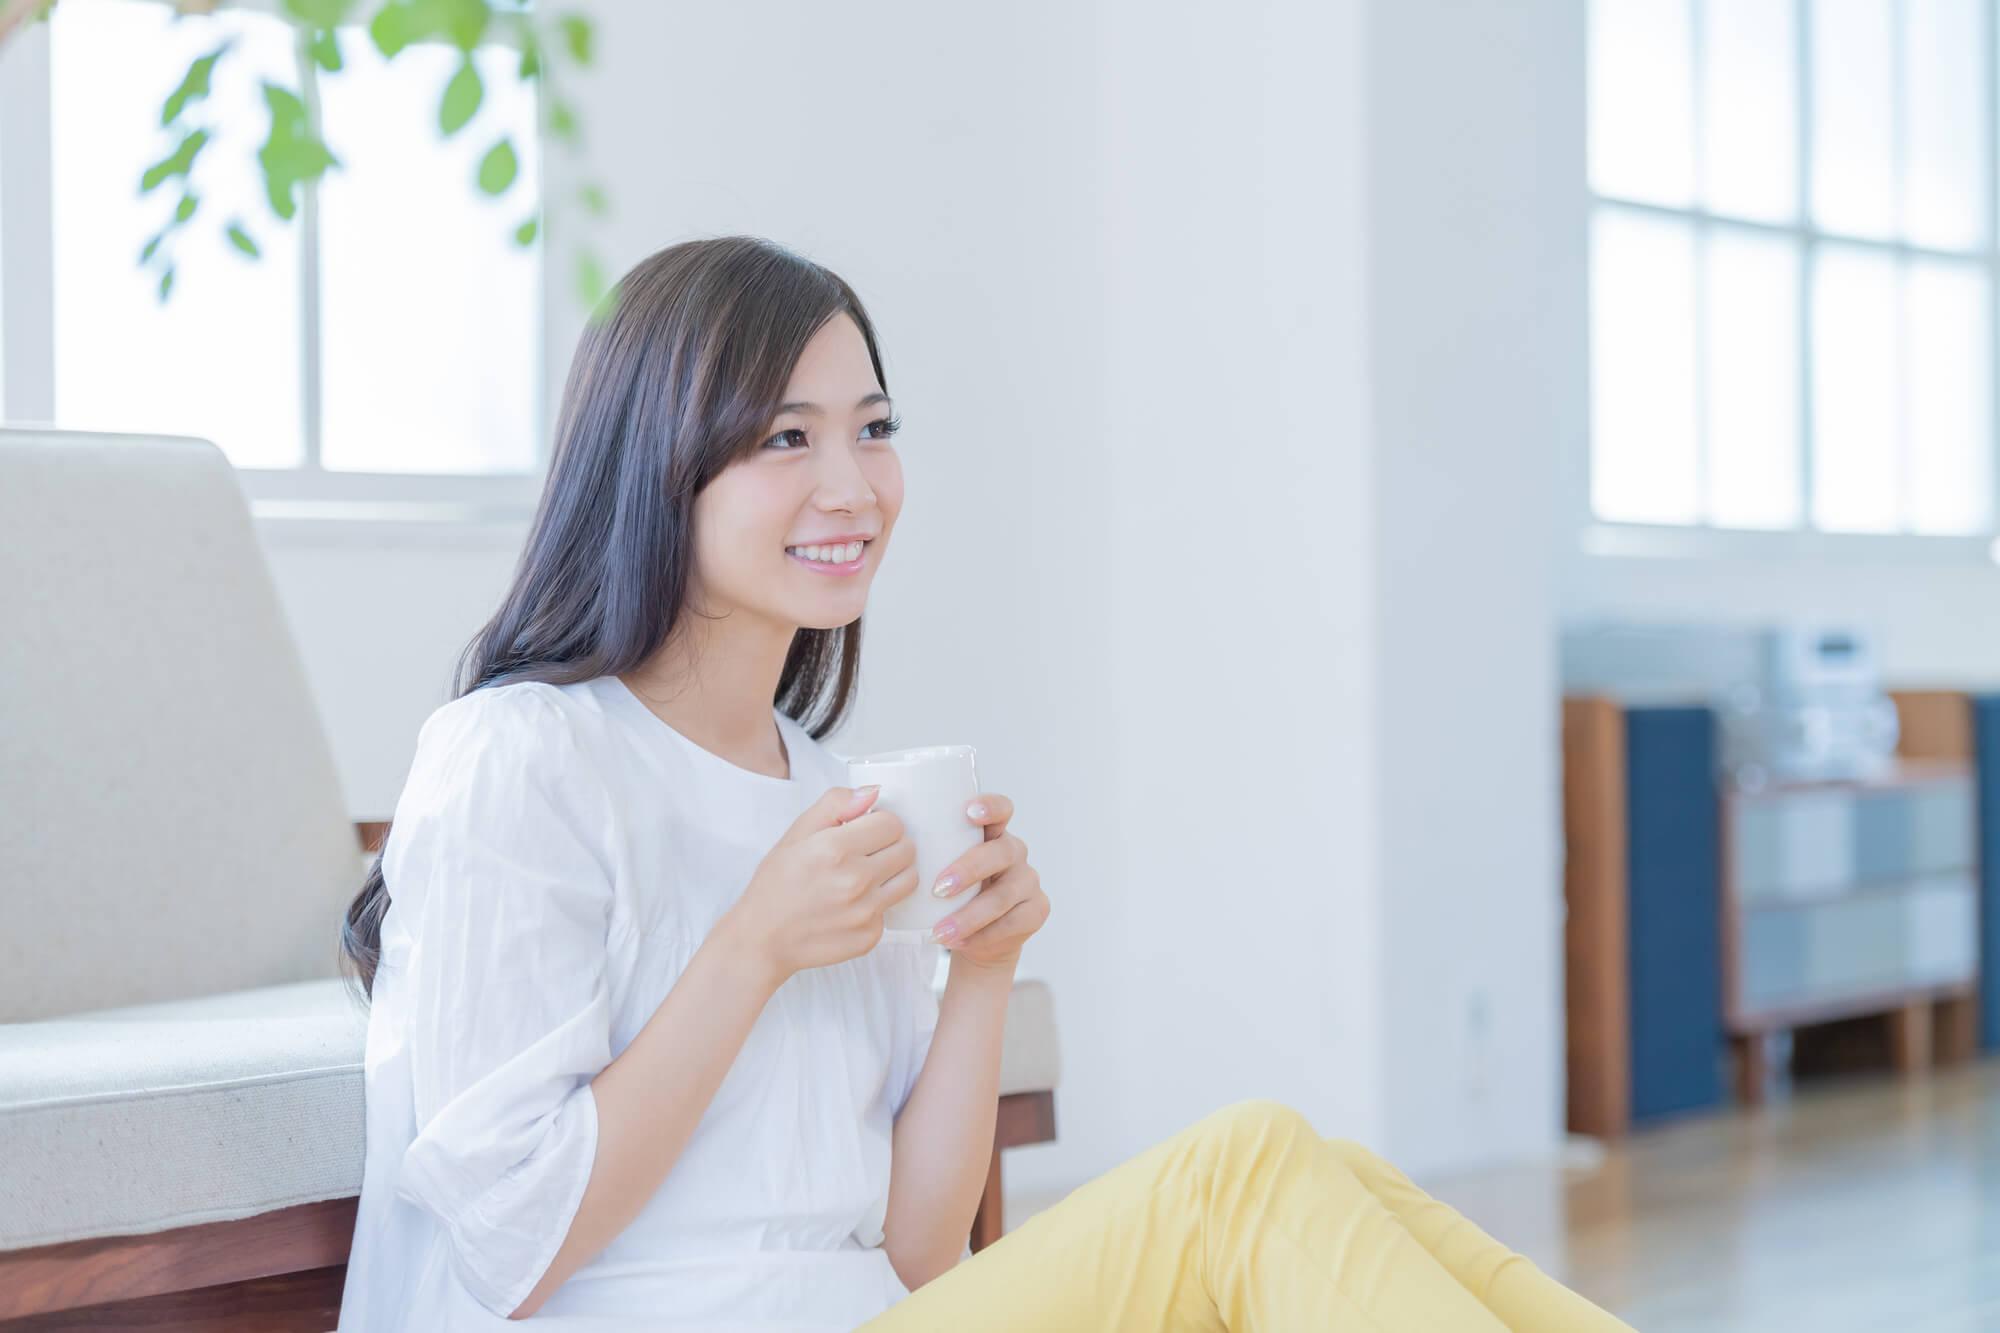 悩みや問題を解決する効果が出て笑顔になった女性